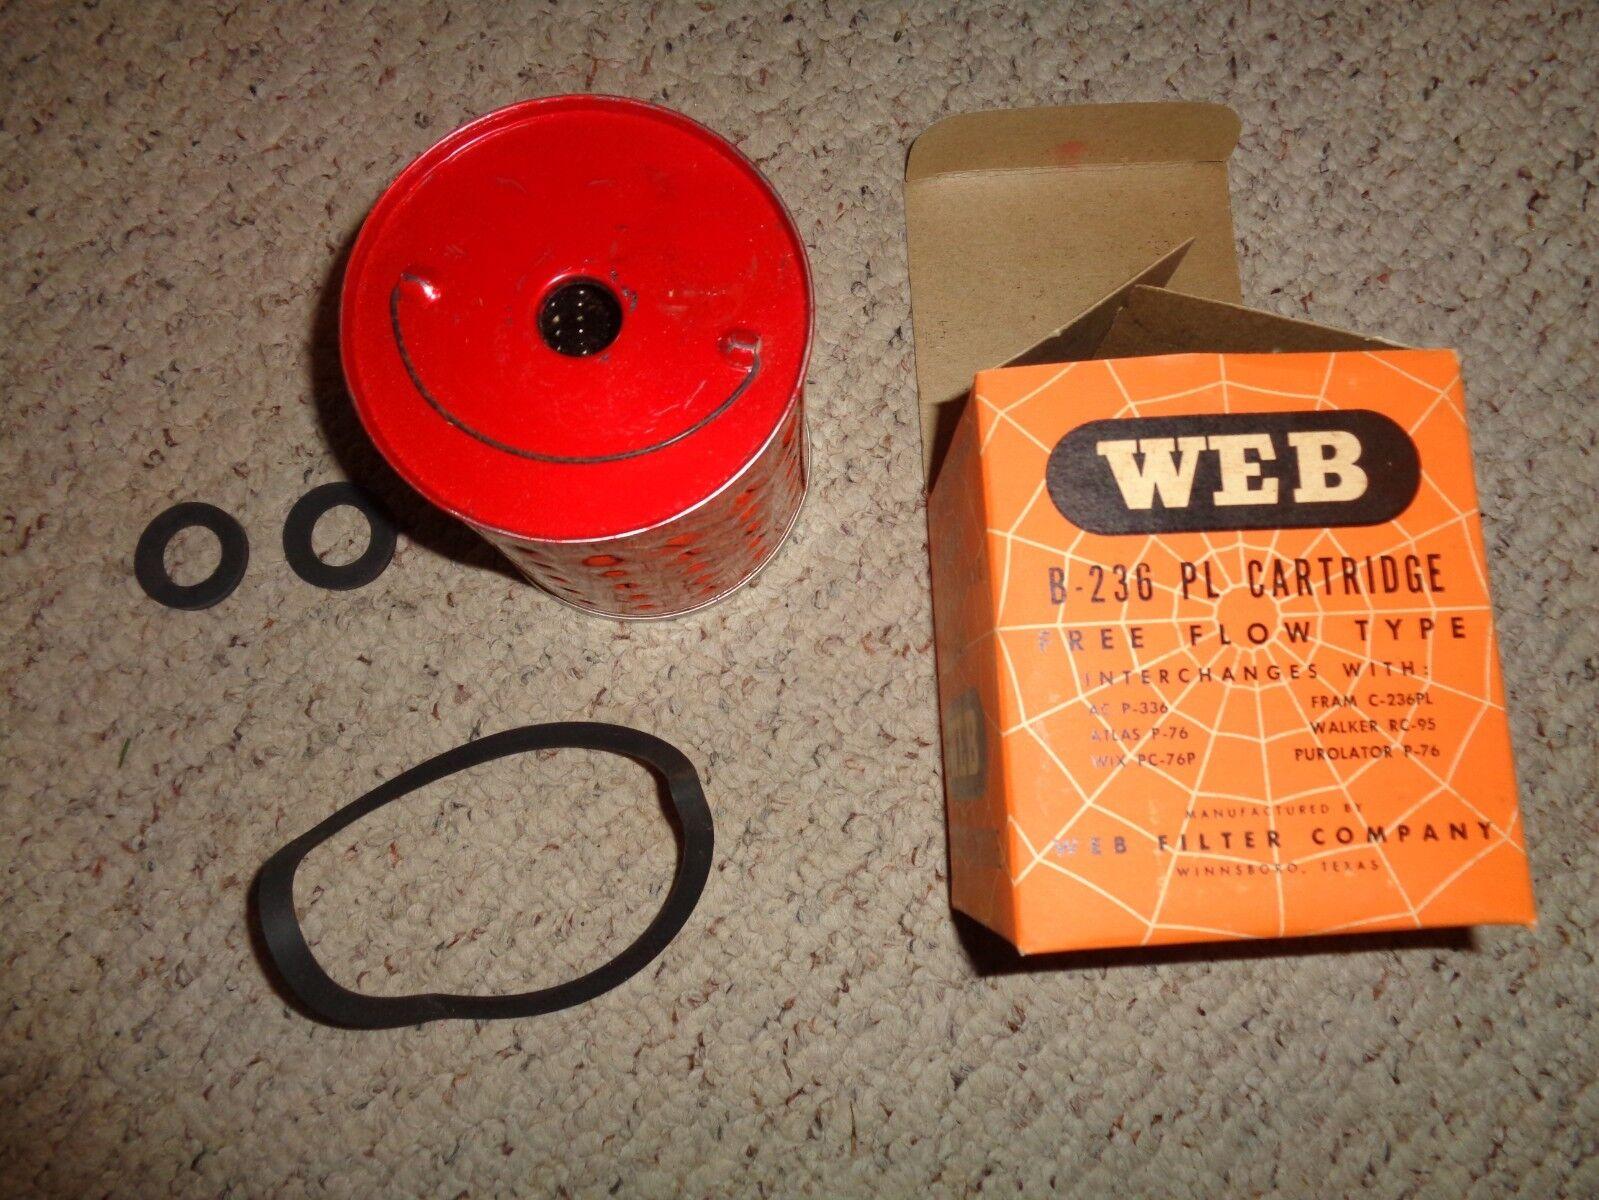 WEB Oil Replacement Cartridge B-236 PL AC P-336 FRAM C-236PL NOS